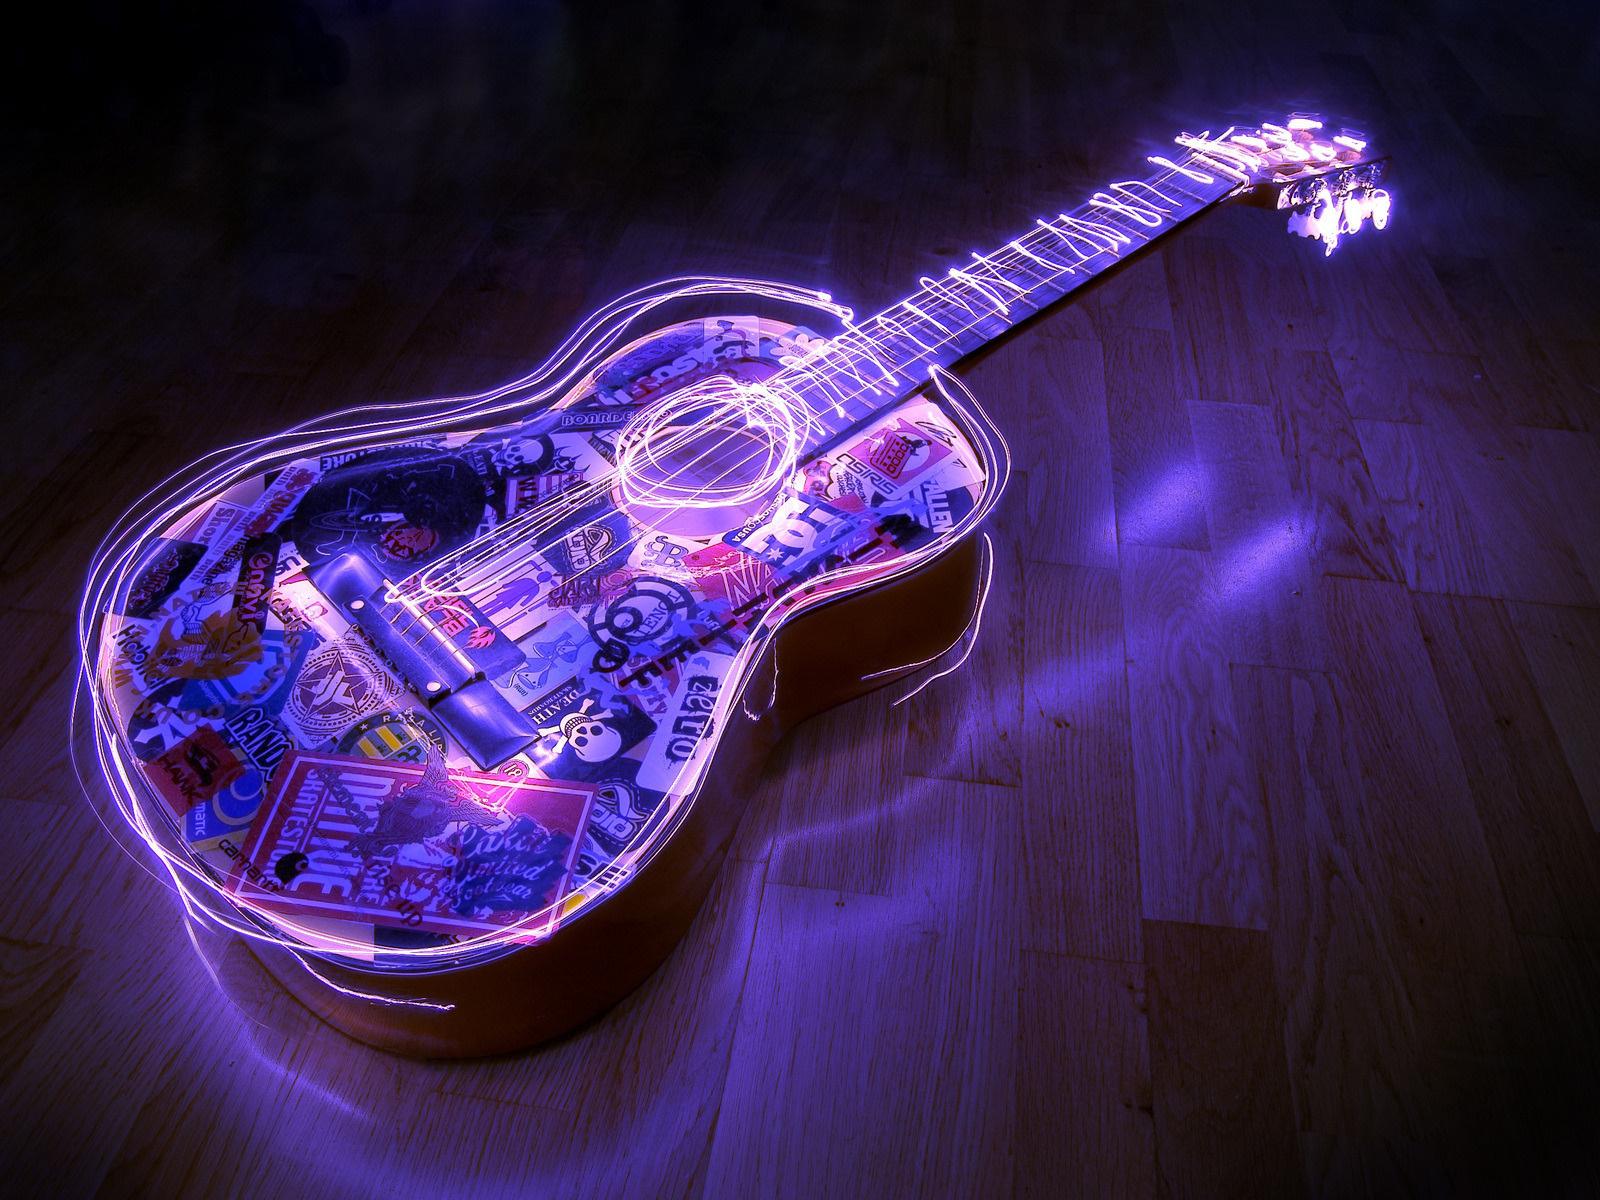 Cool Guitar Backgrounds - WallpaperSafari